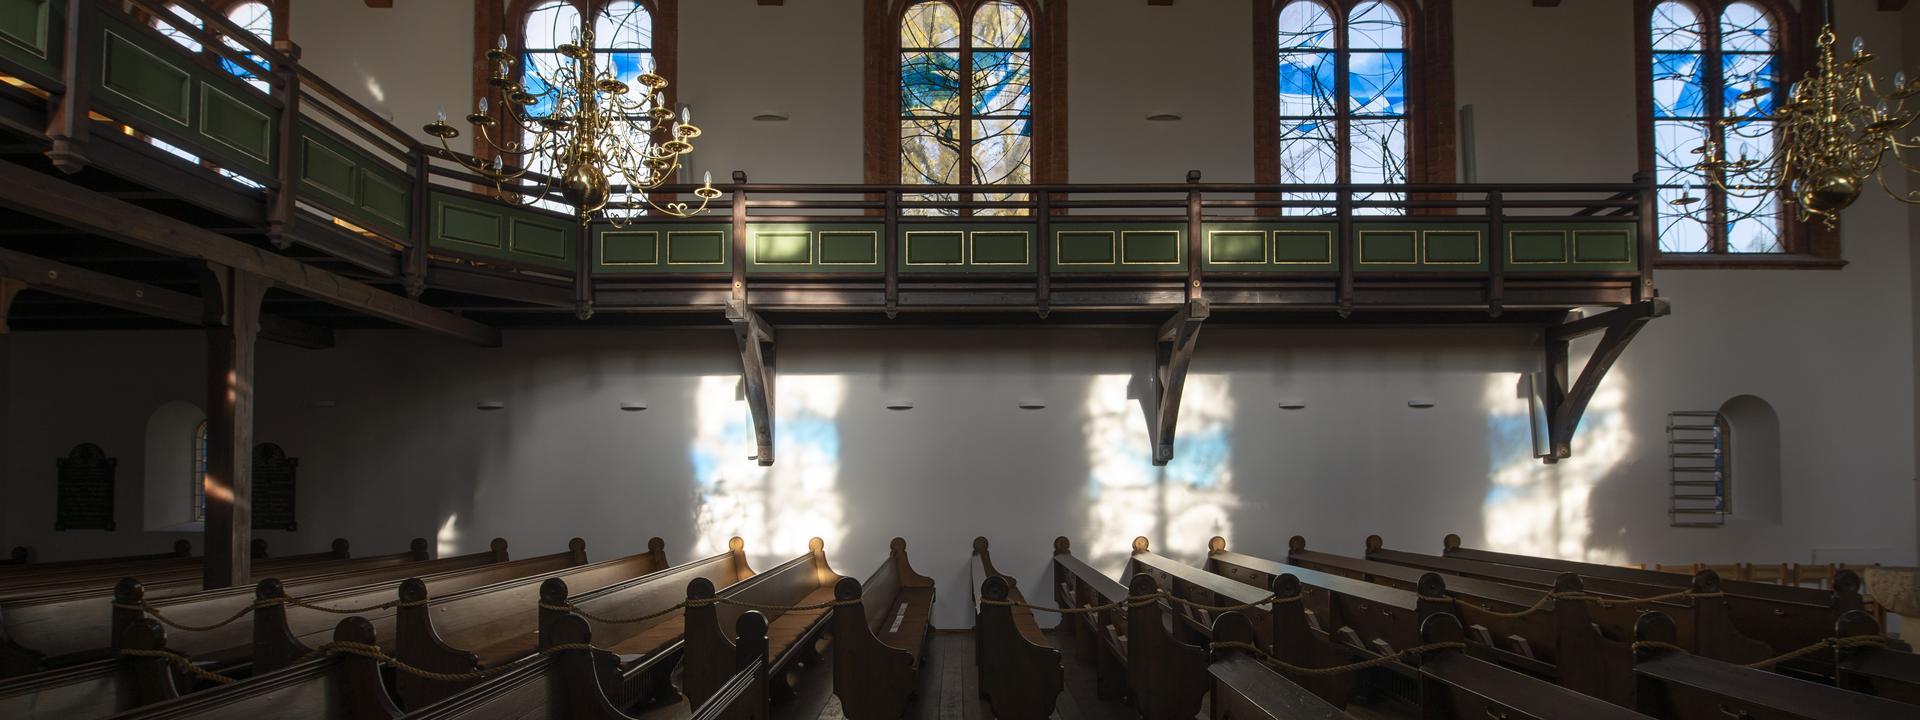 St. Jürgen-Kirche